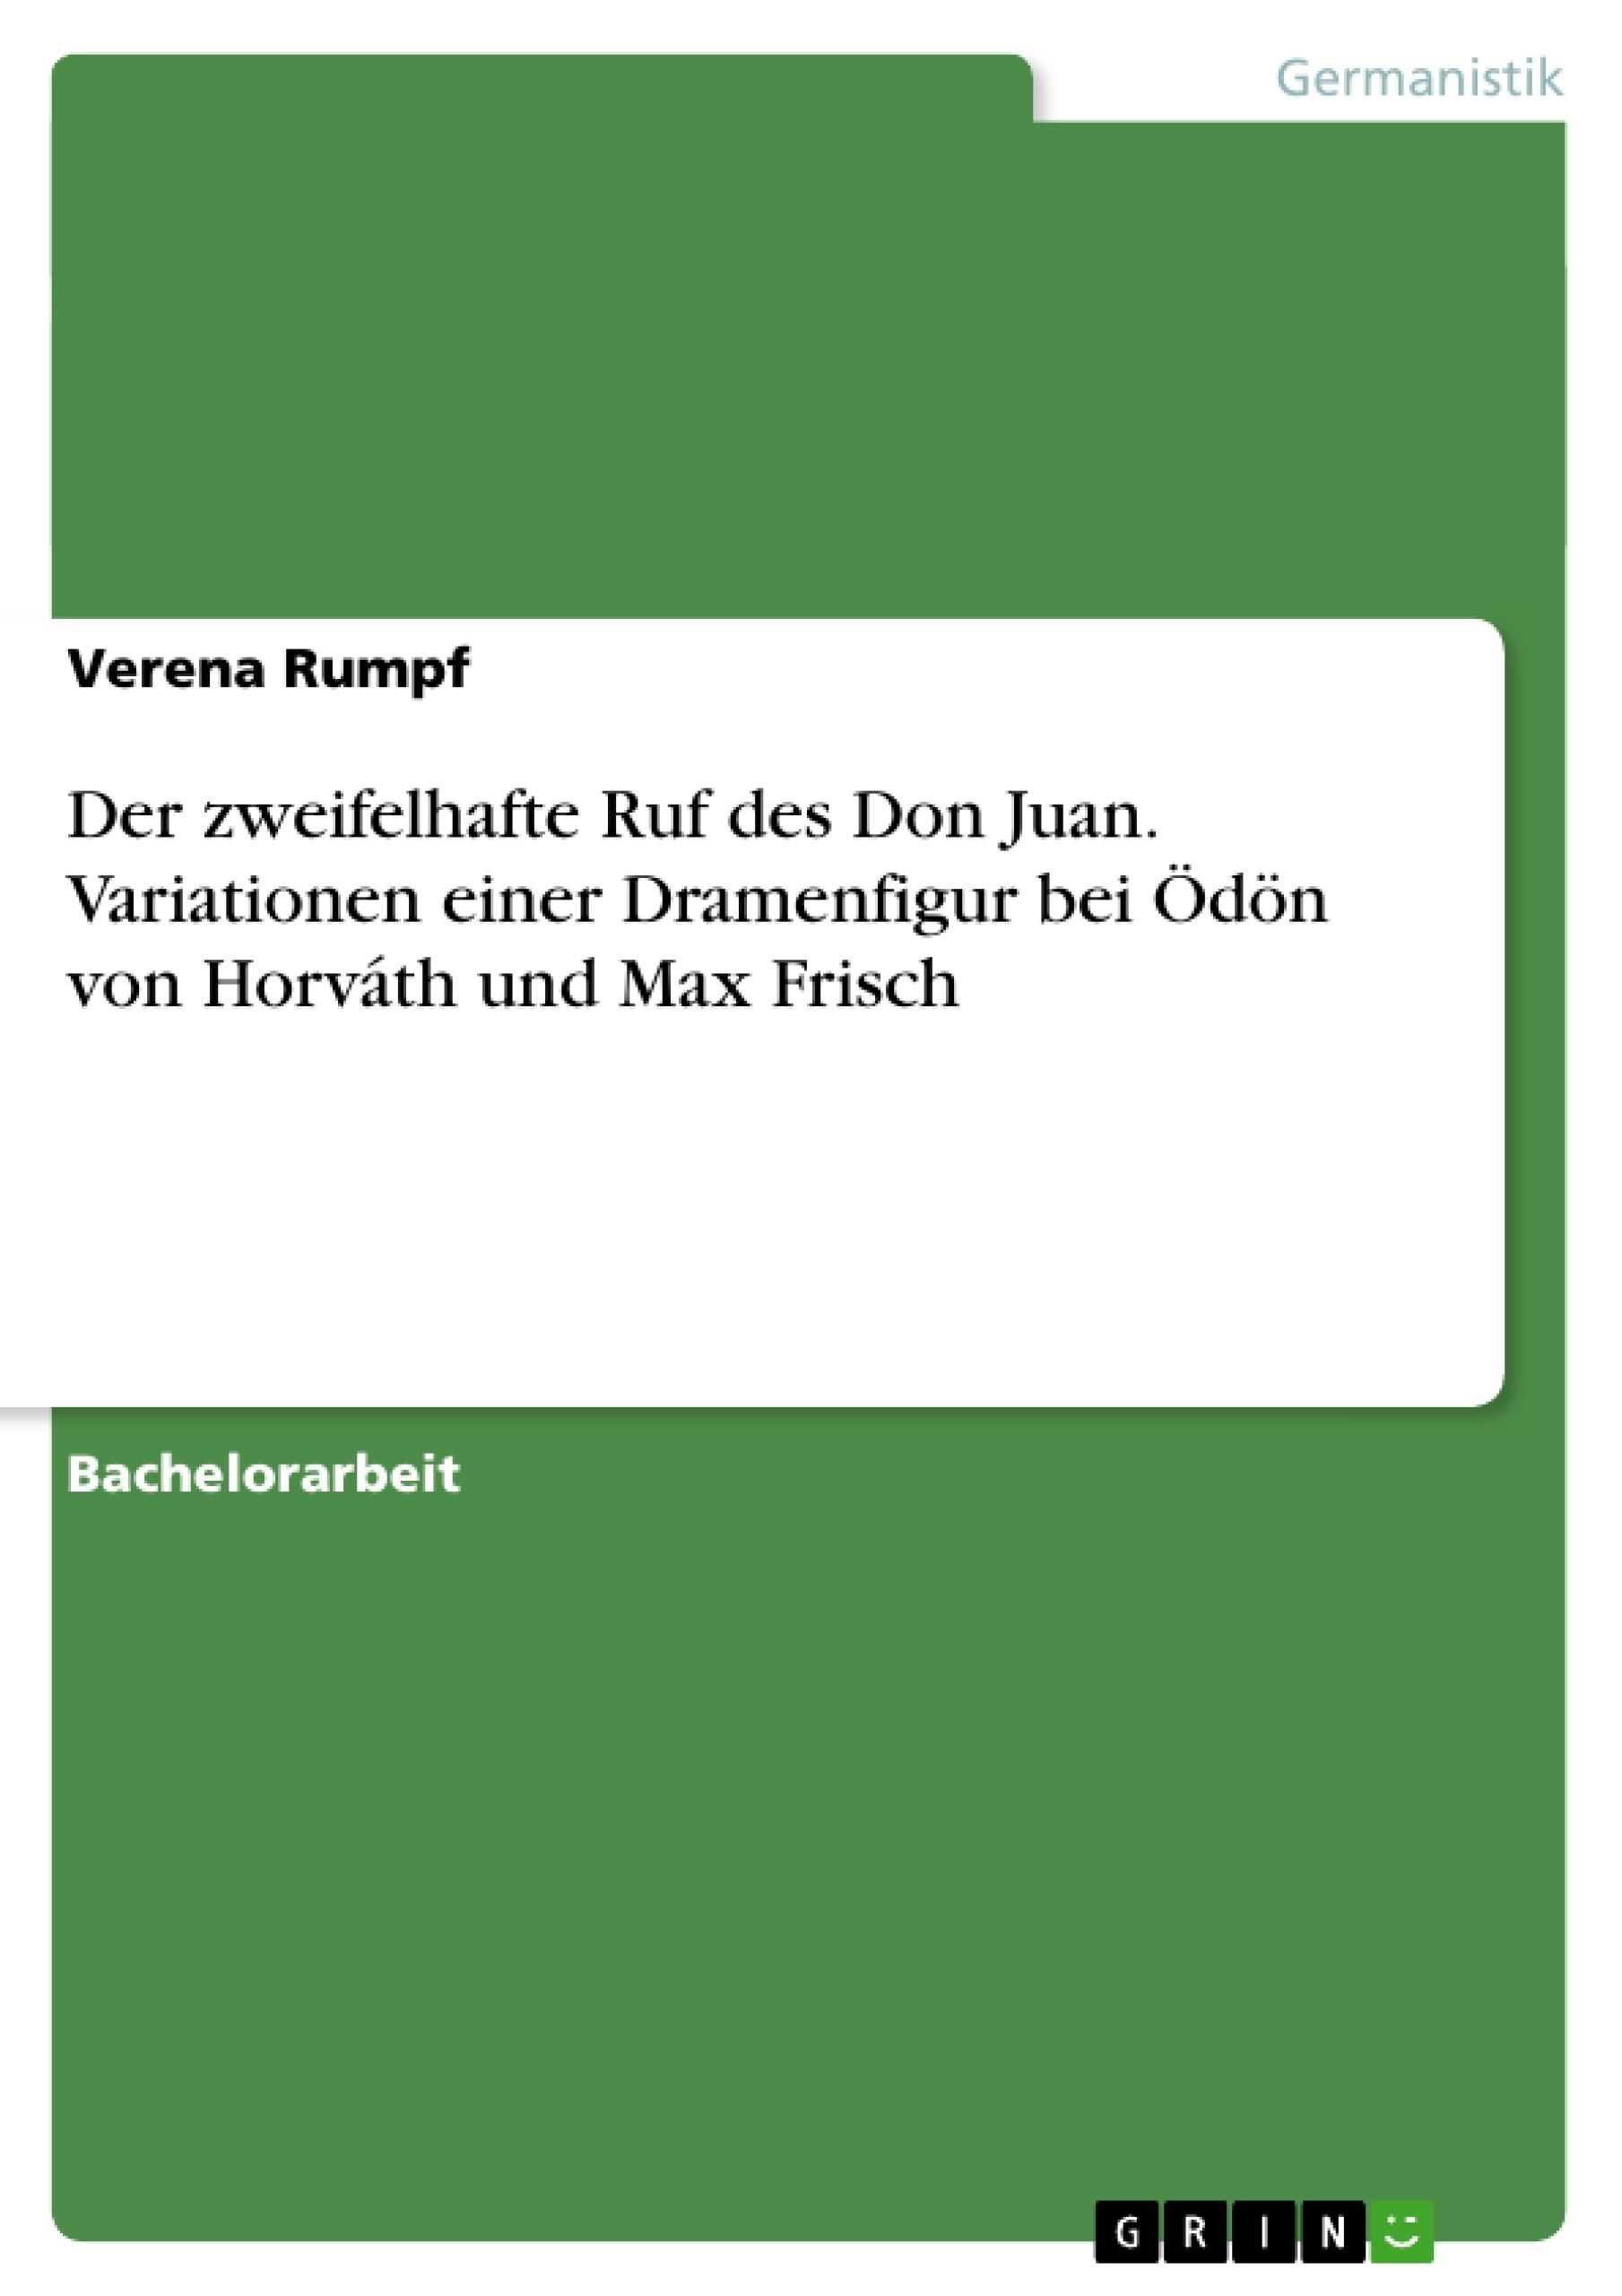 Titel: Der zweifelhafte Ruf des Don Juan. Variationen einer Dramenfigur bei Ödön von Horváth und Max Frisch